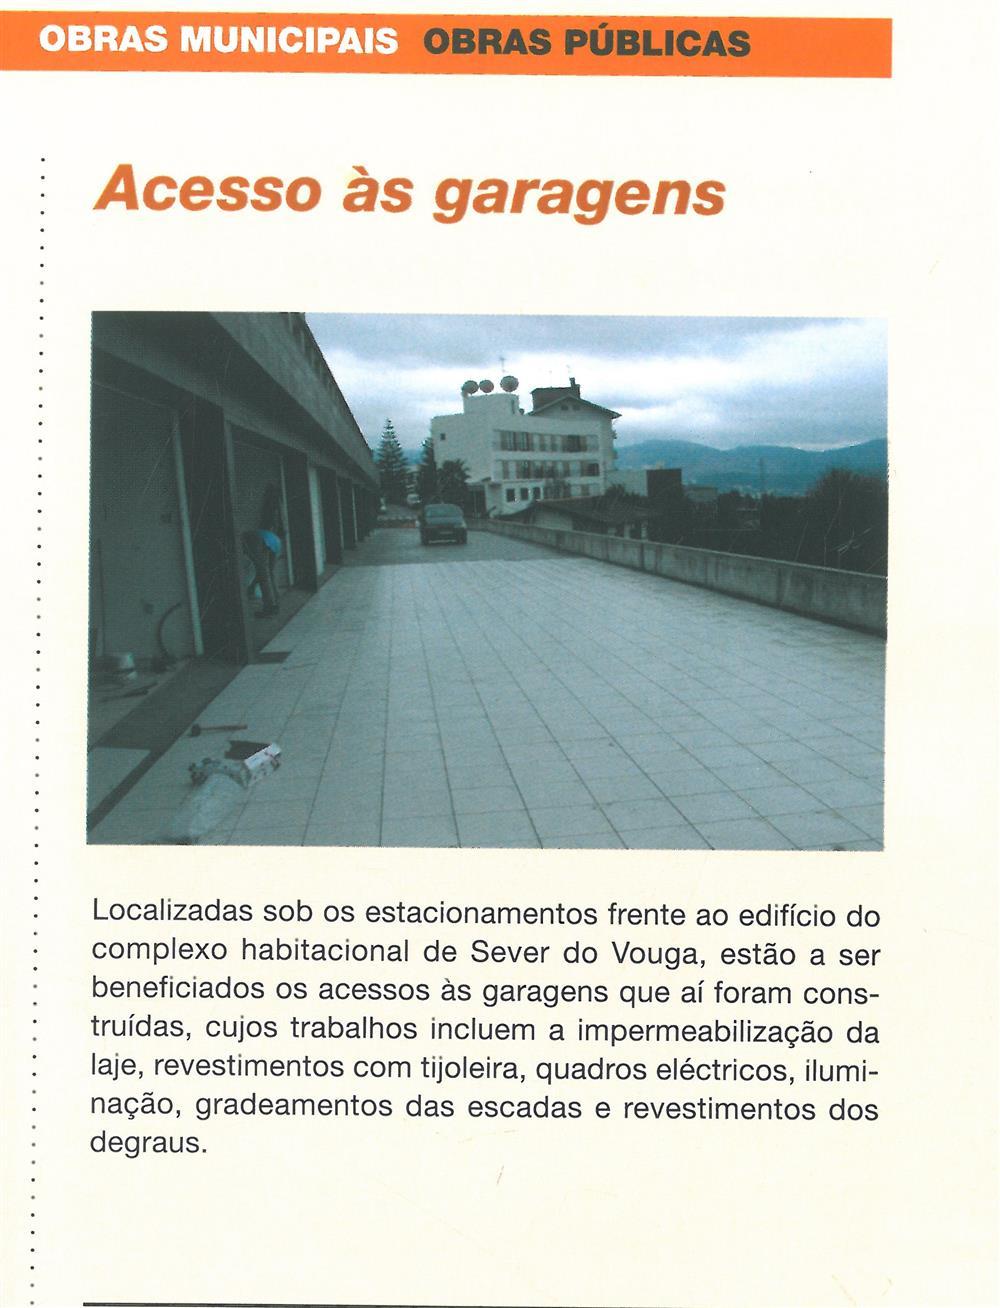 BoletimMunicipal-n.º 21-mar.'07-p.5-Obras Municipais : Obras Públicas : acesso às garagens.jpg